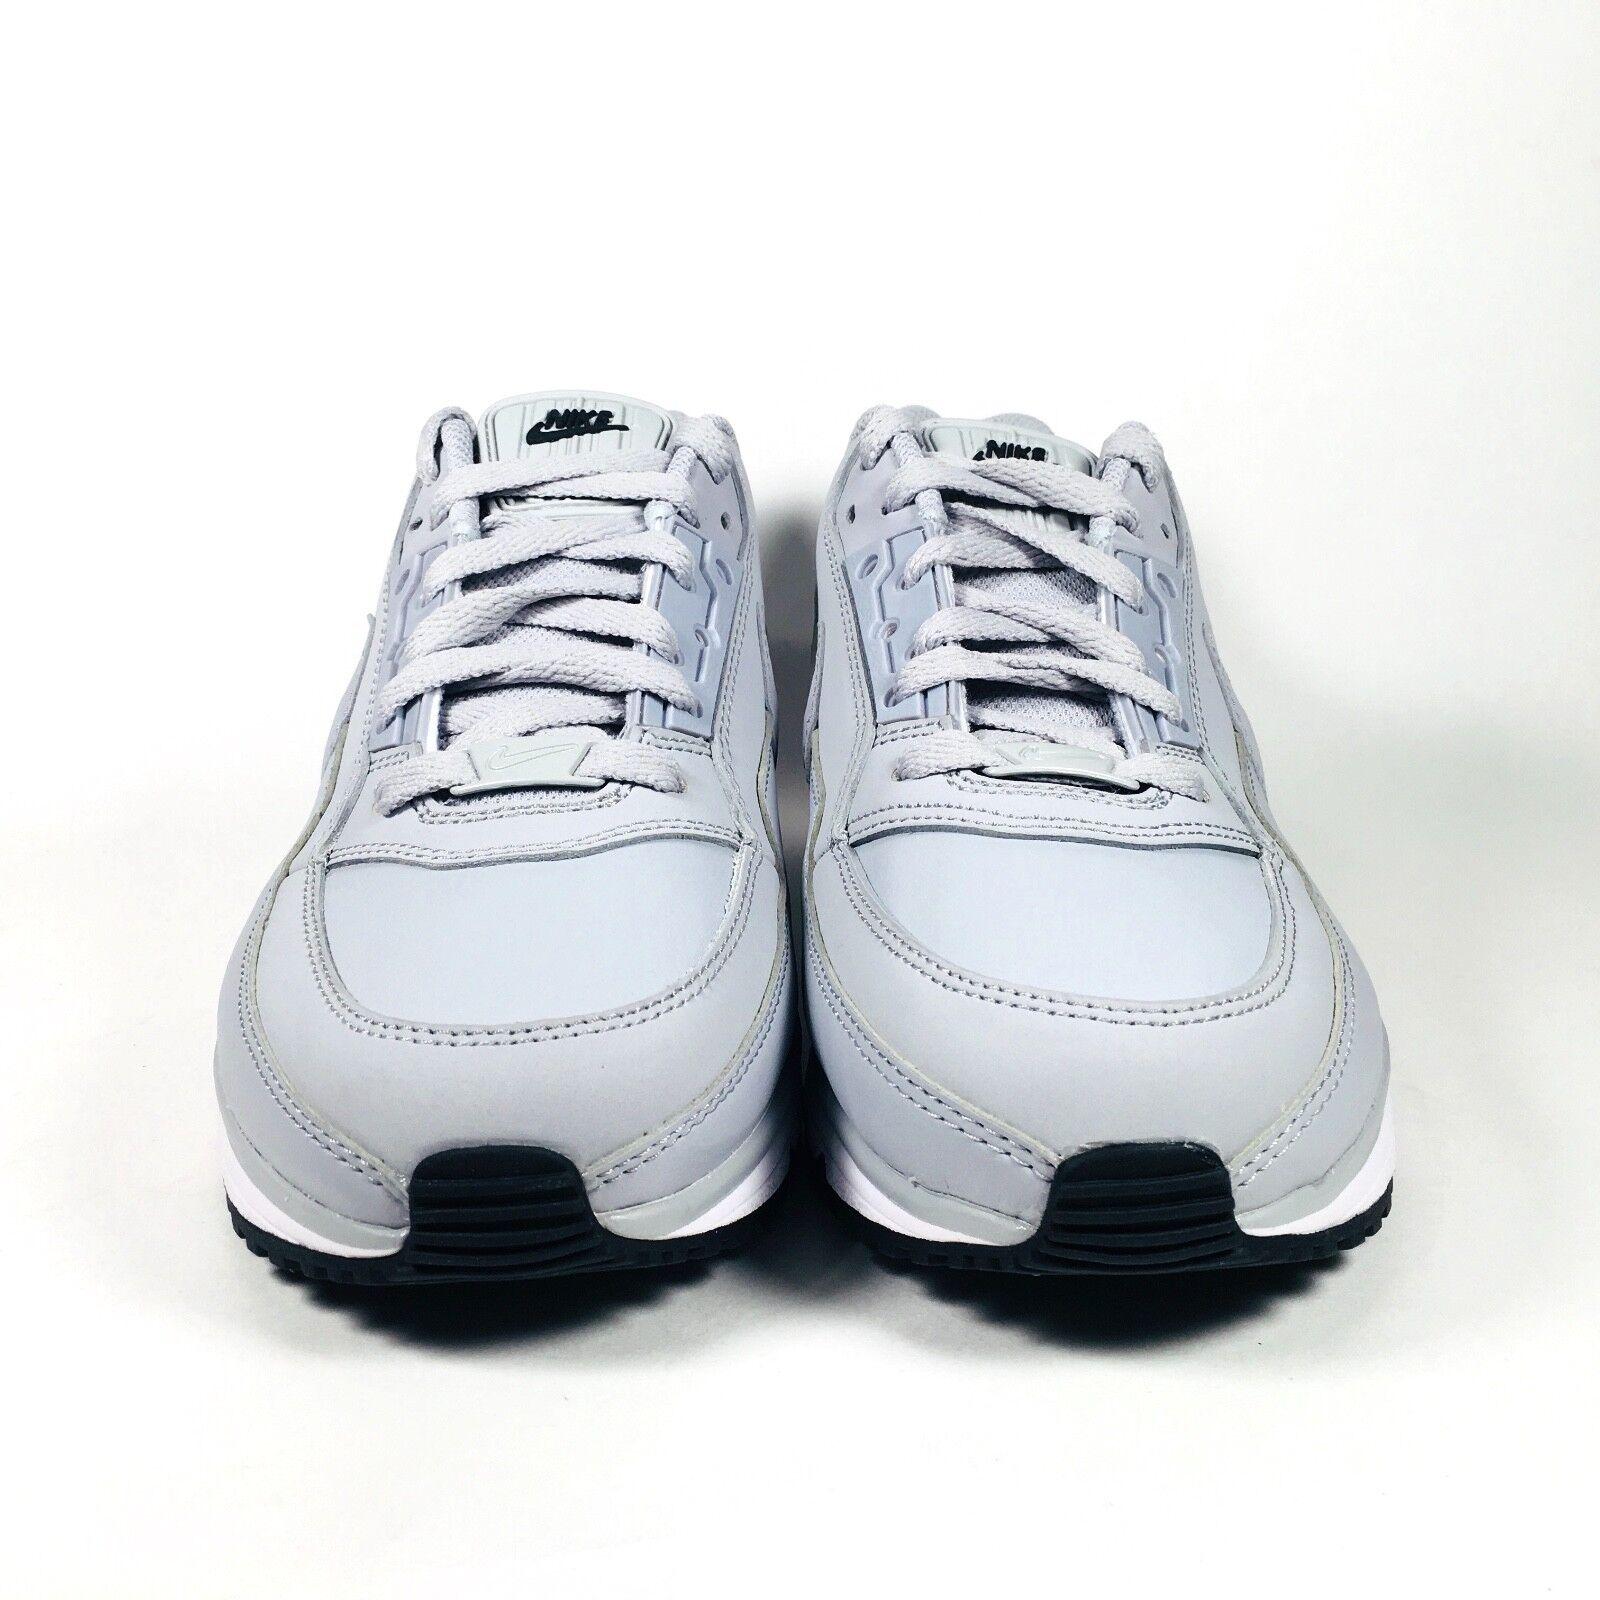 Nuove dimensioni 8 nike air max ltd 3 uomini scarpe da corsa 687977-015 grey